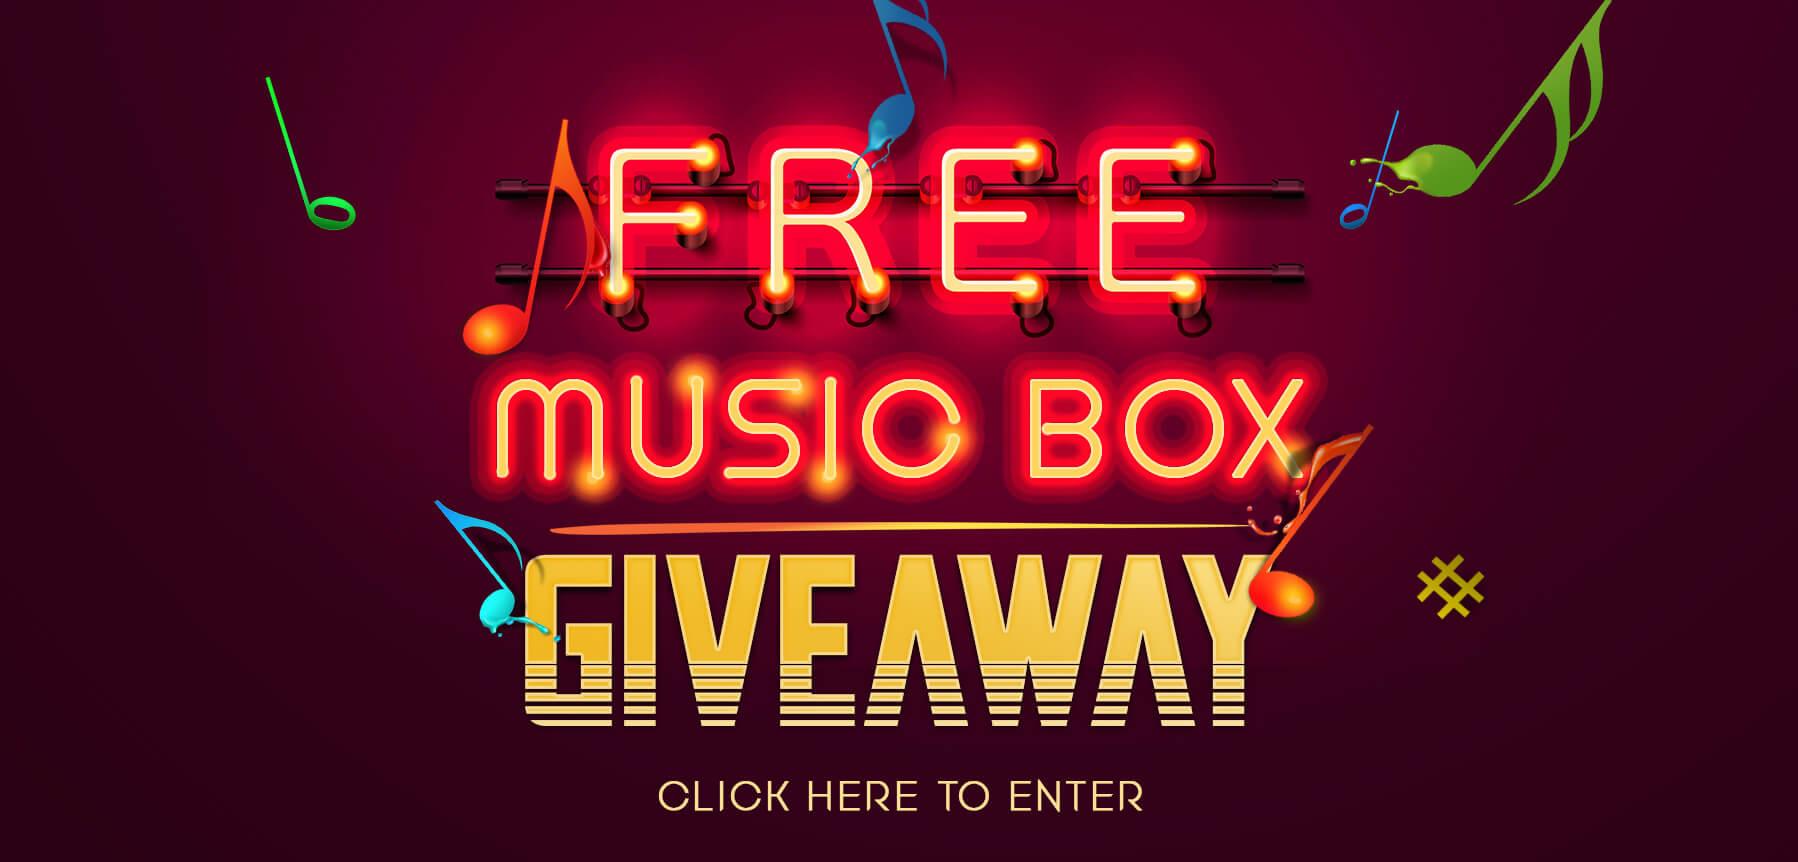 Music Box Attic - Free Music Box Giveaway